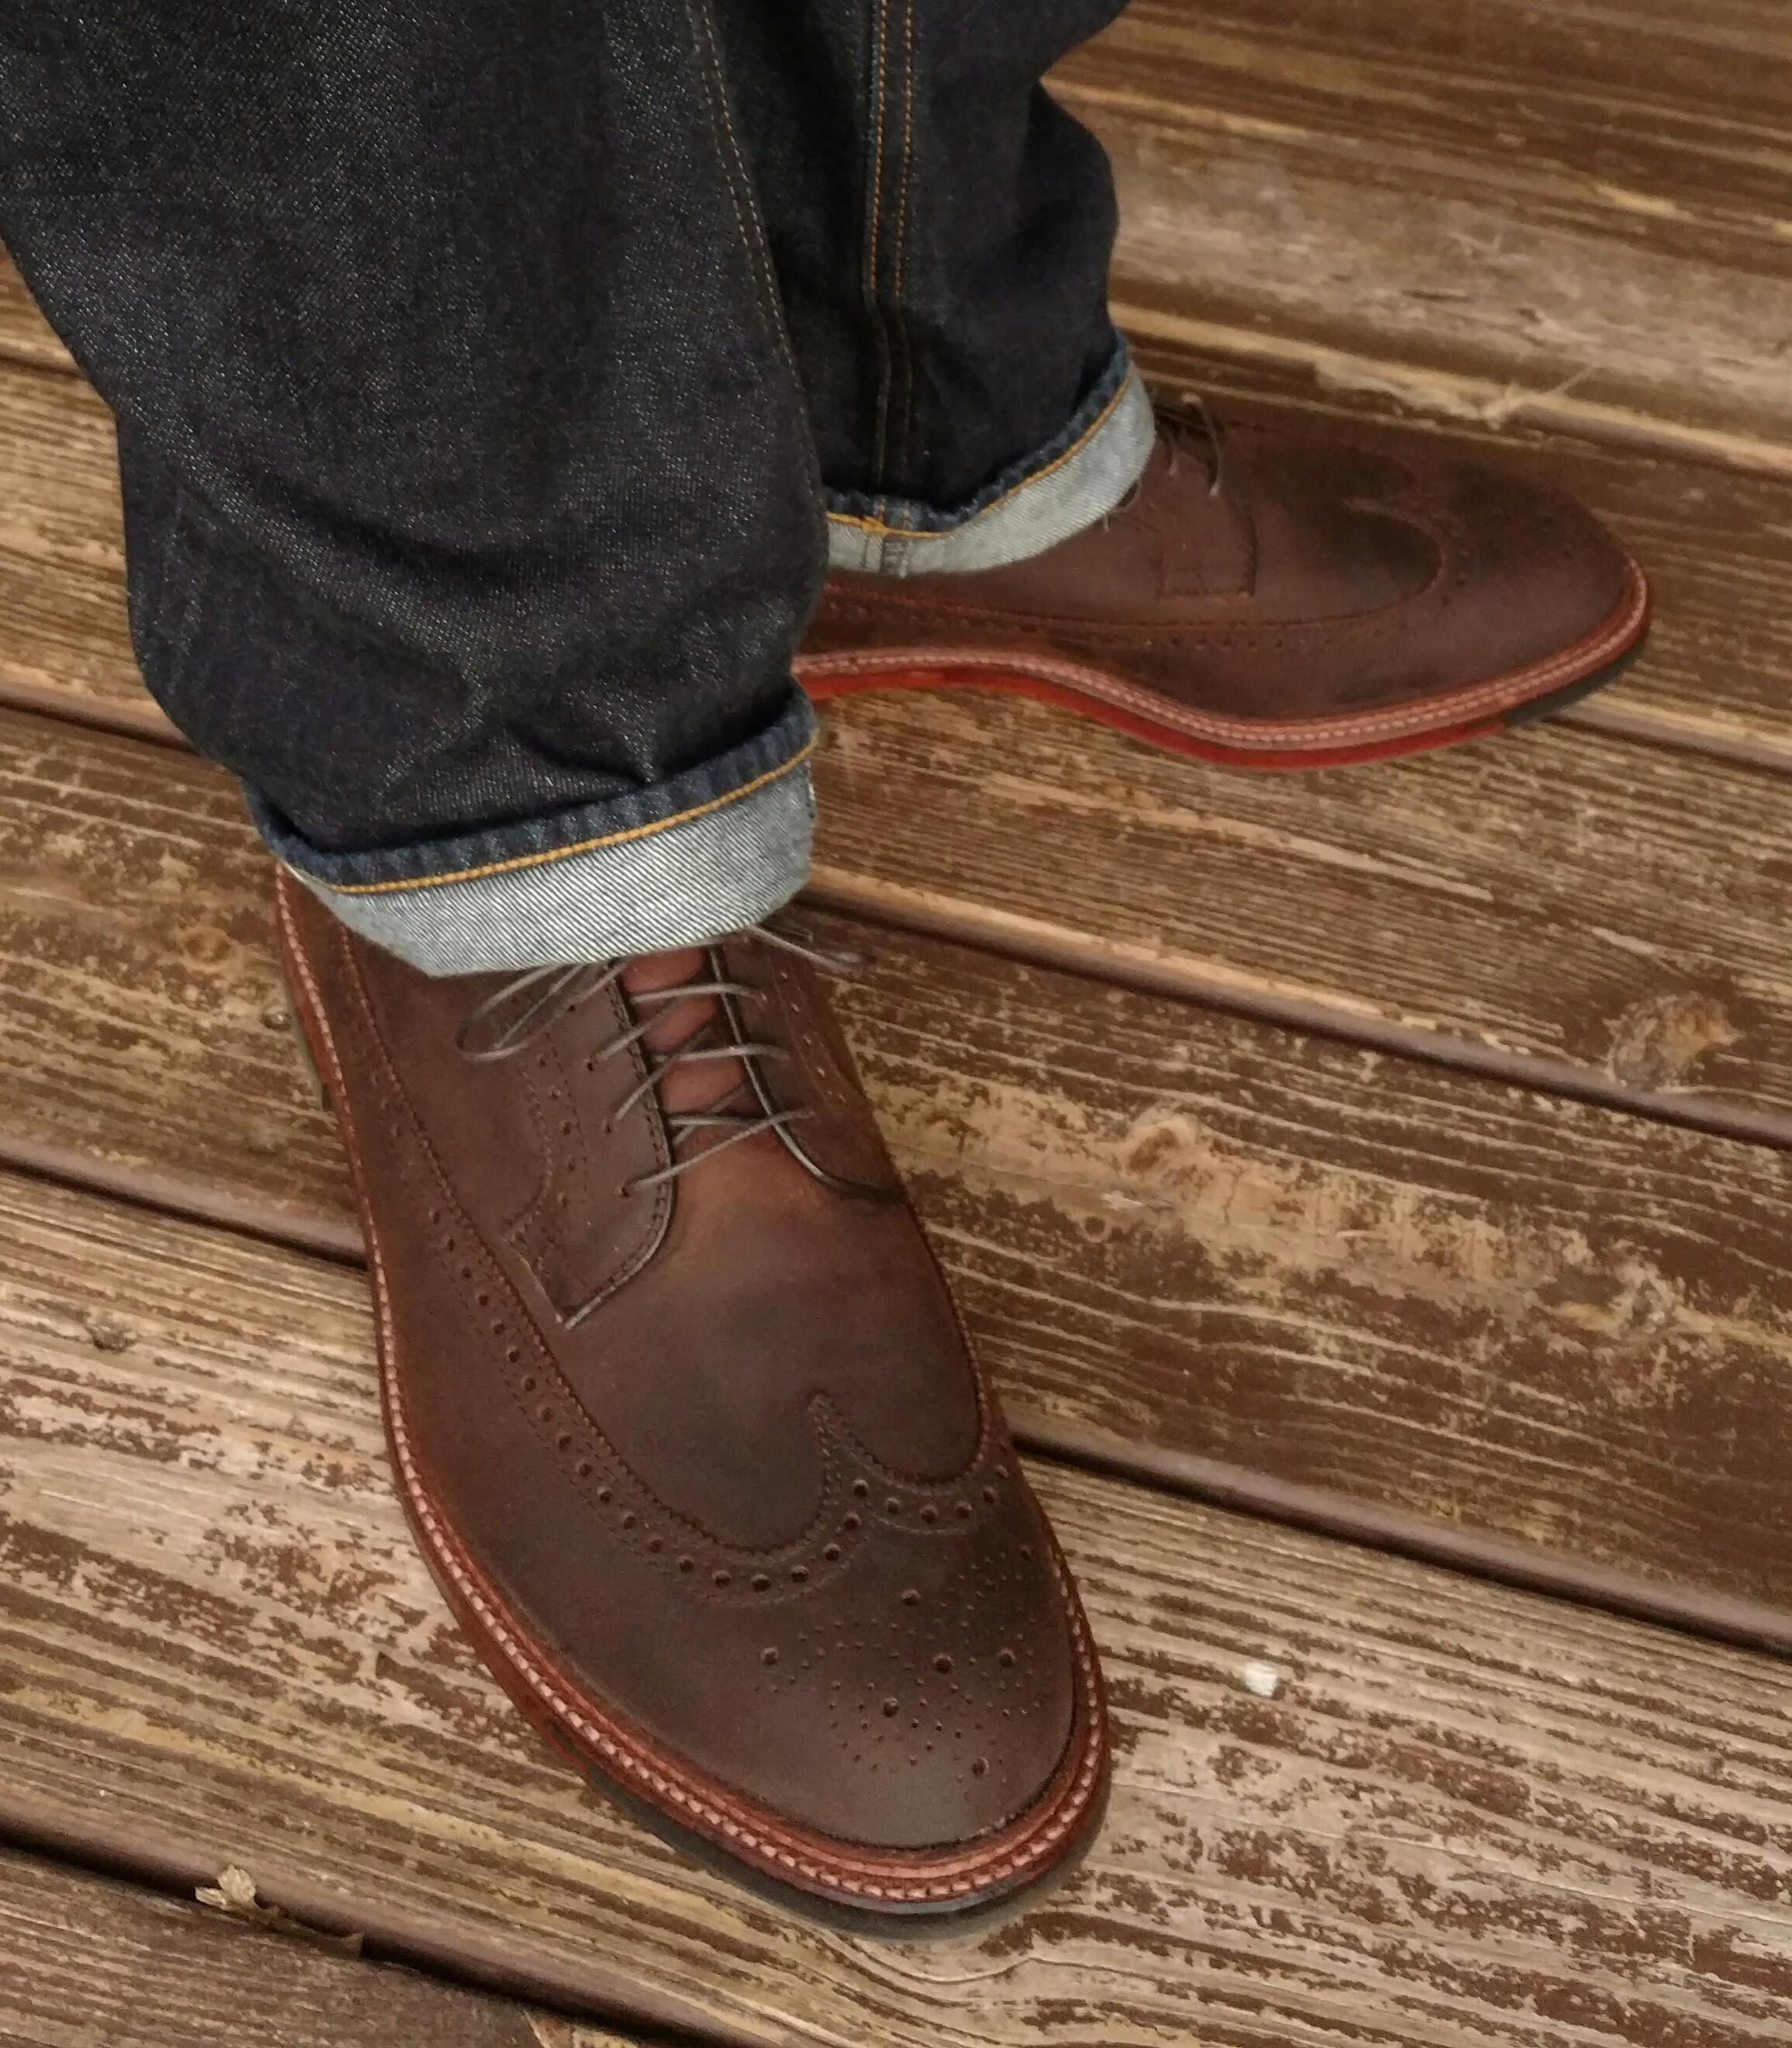 Alden Shoes Washington Dc